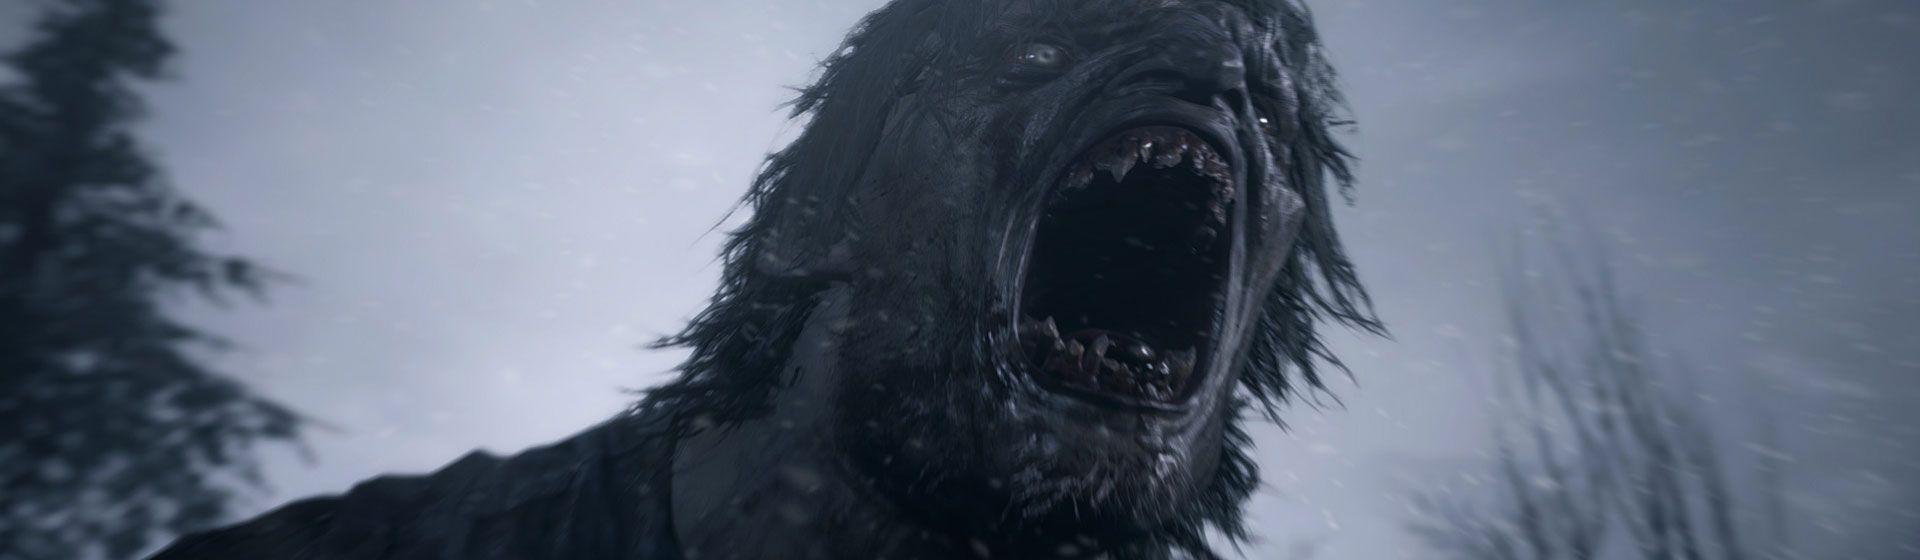 Melhores jogos de terror e survival horror em 2021: confira o top 12